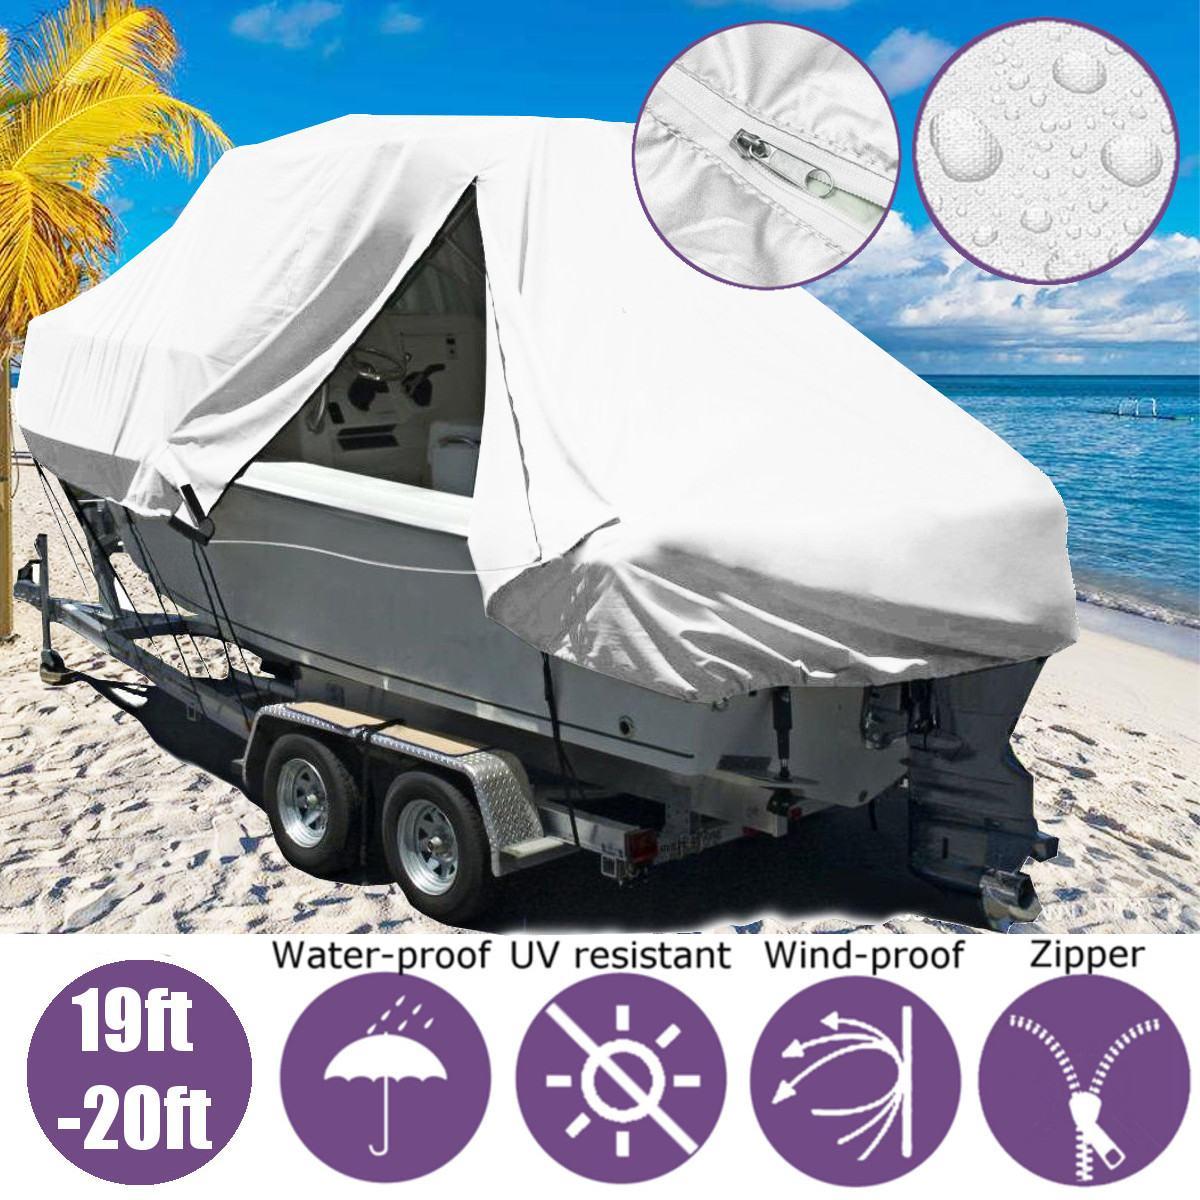 19-20ft 5.8-6.1m bateau couverture bateau marin Yacht nouvelle conception Premium robuste 600D remorquable Jumbo bateau couverture